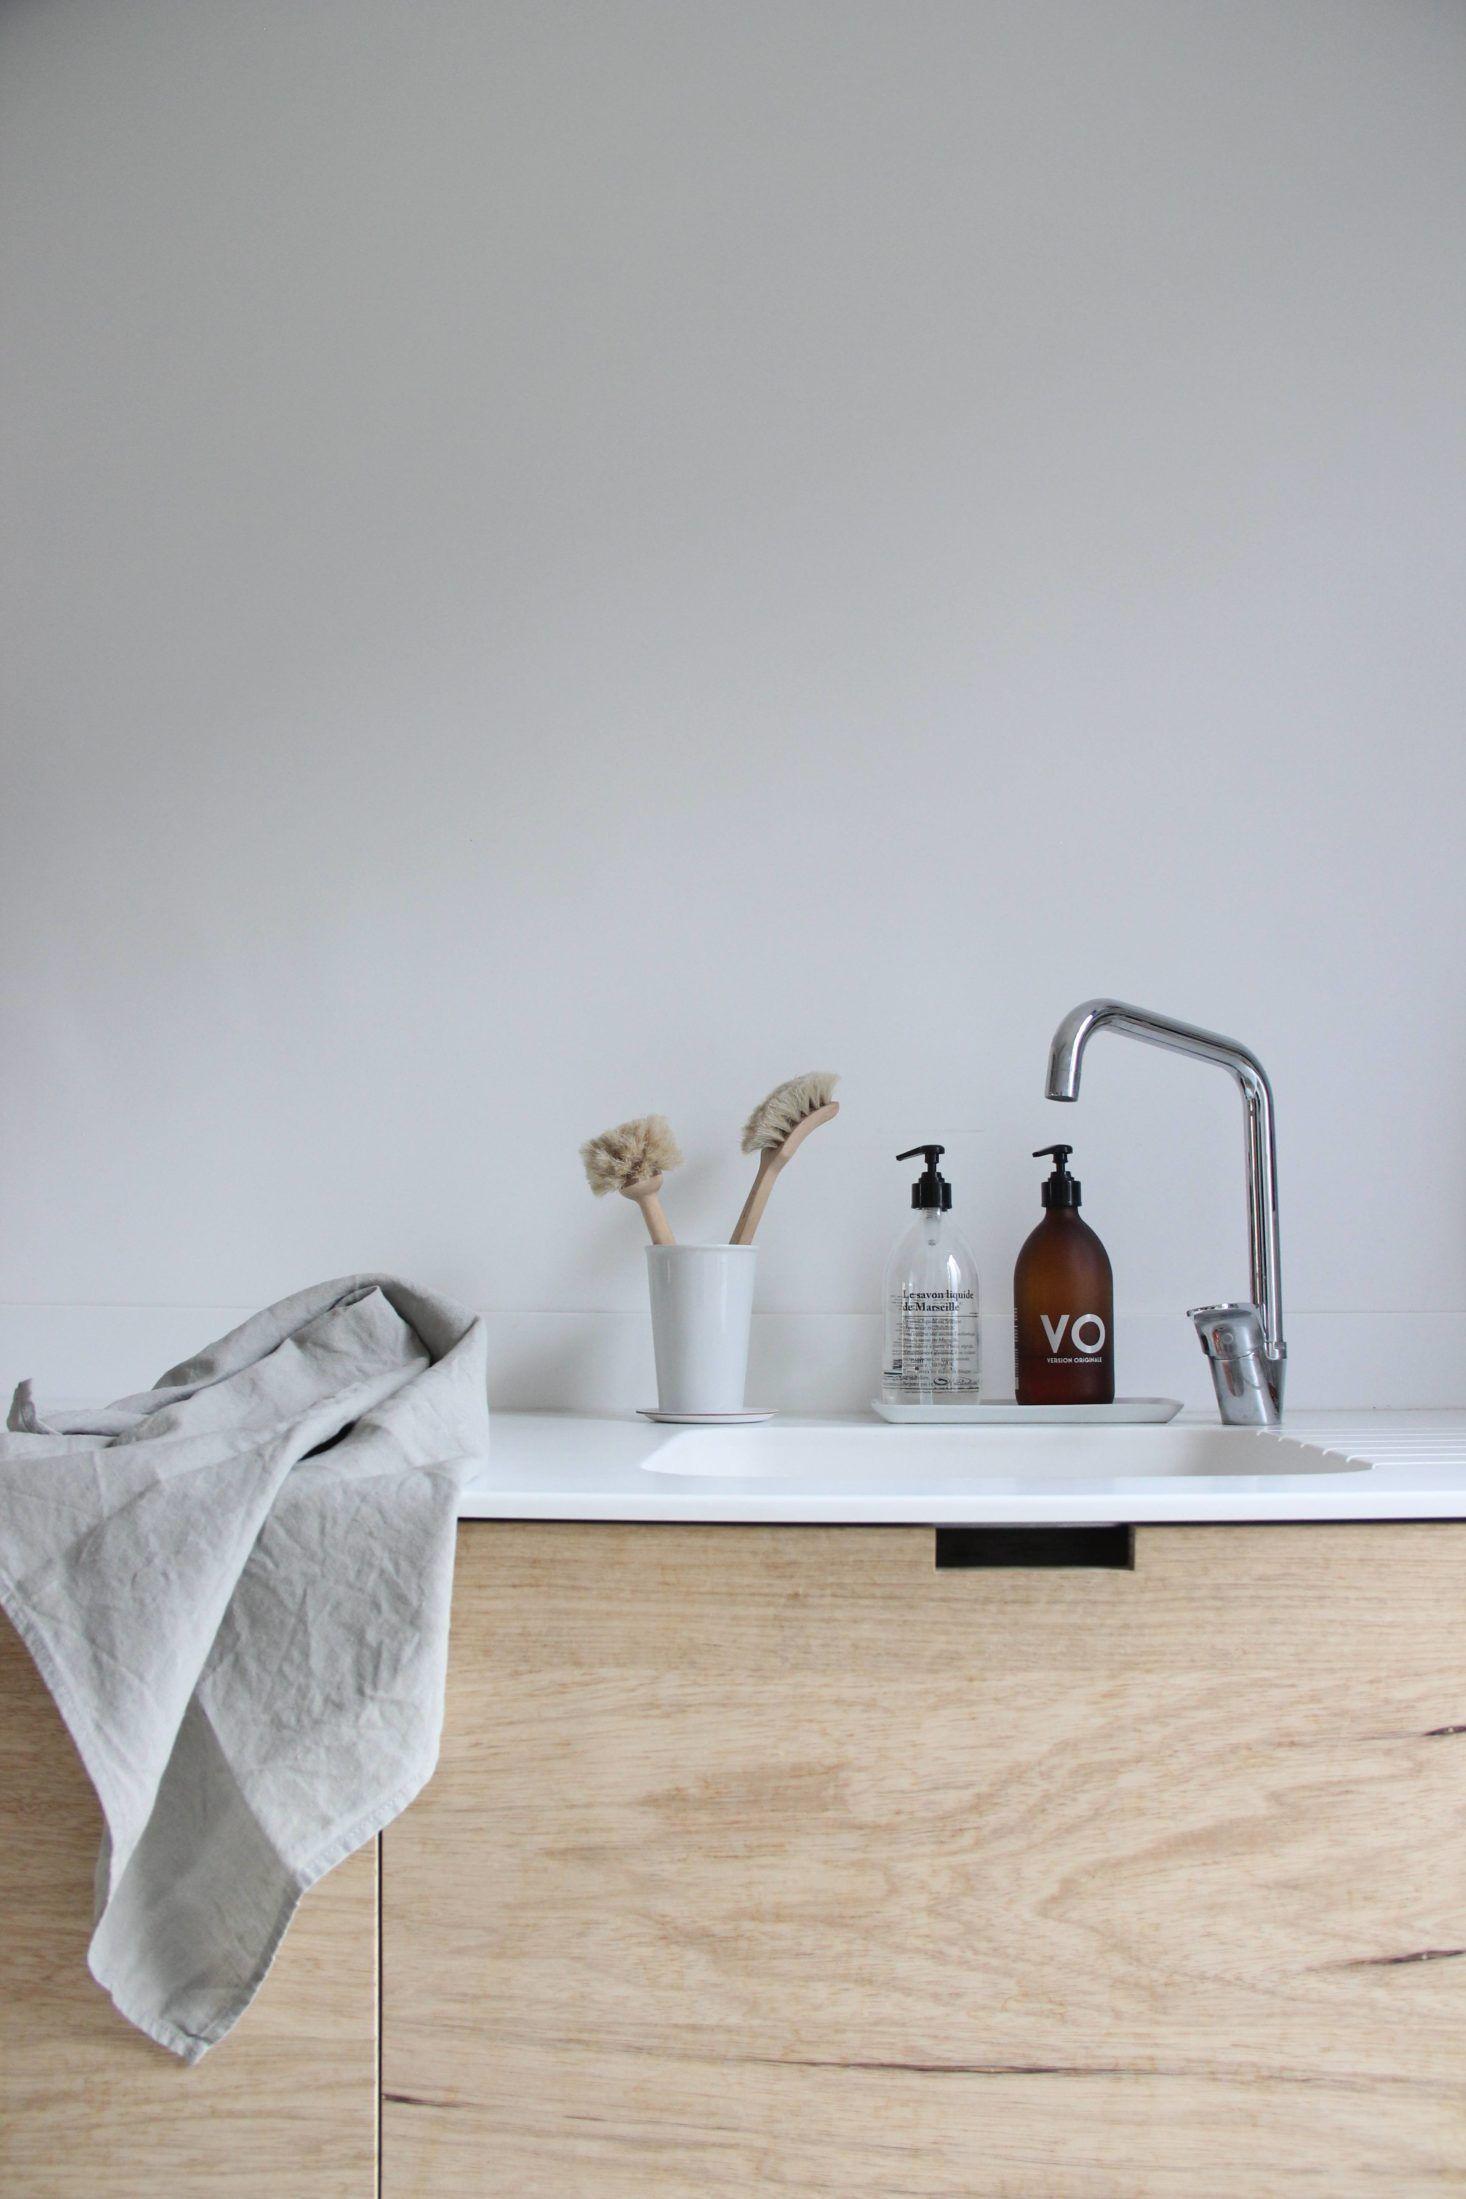 Nett Küchenschranktüren Home Depot Fotos - Ideen Für Die Küche ...